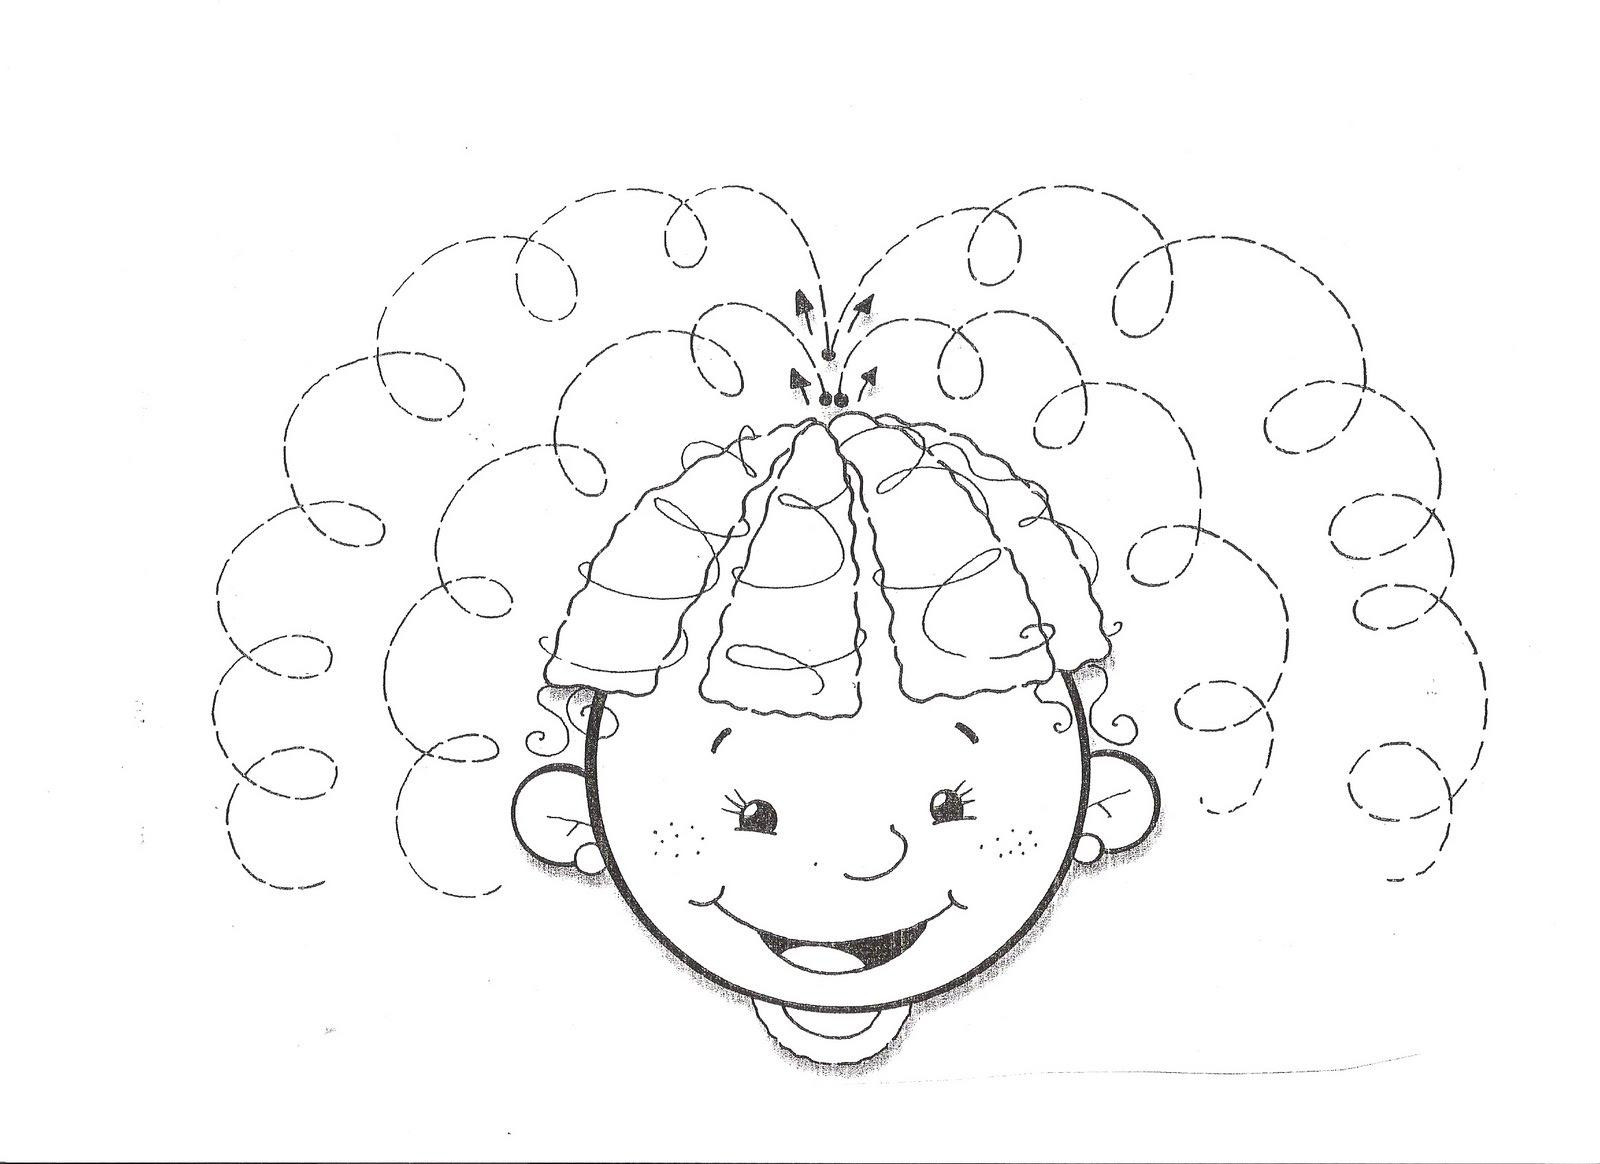 dibujos ninos 5 anos: